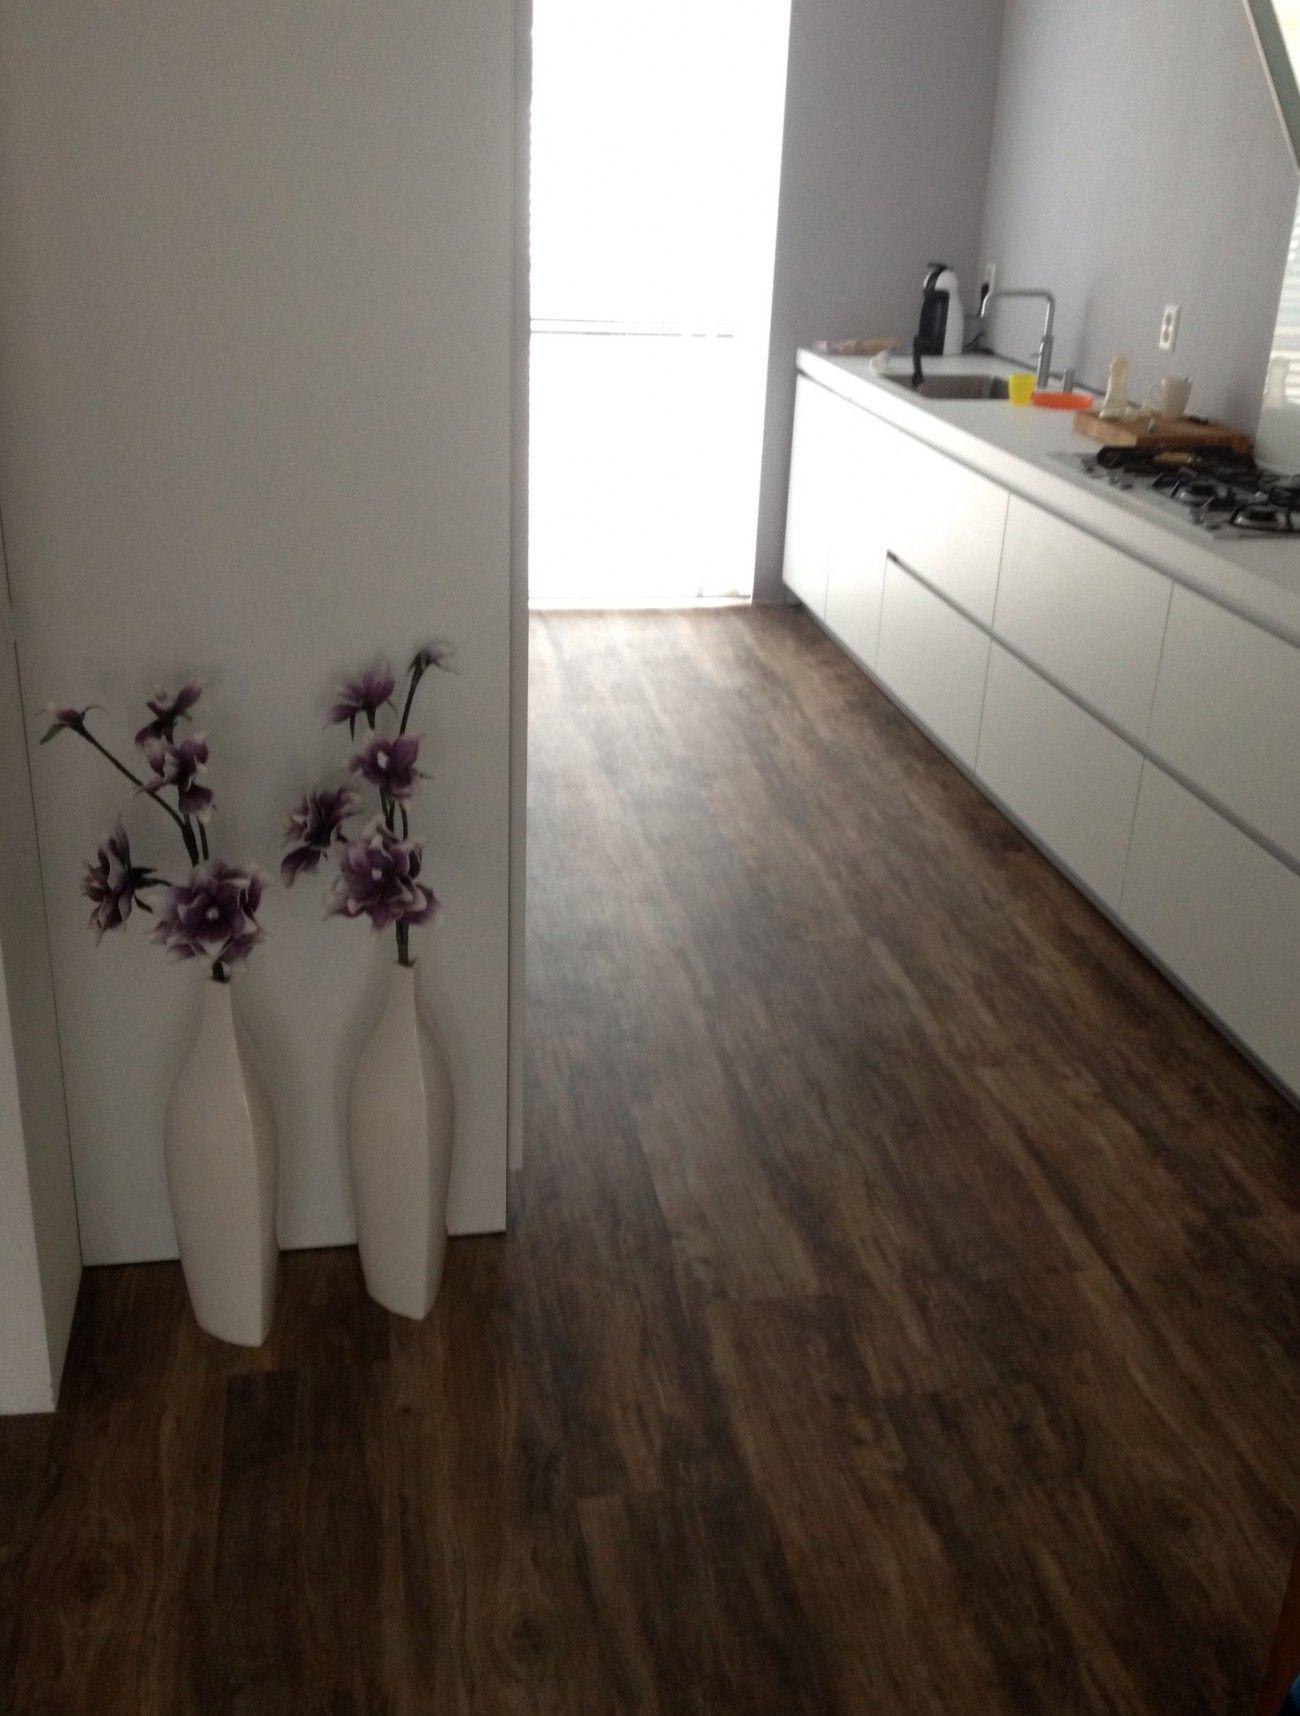 mooie pvc vloer geschikt voor de hele woning lijkt net echt hout